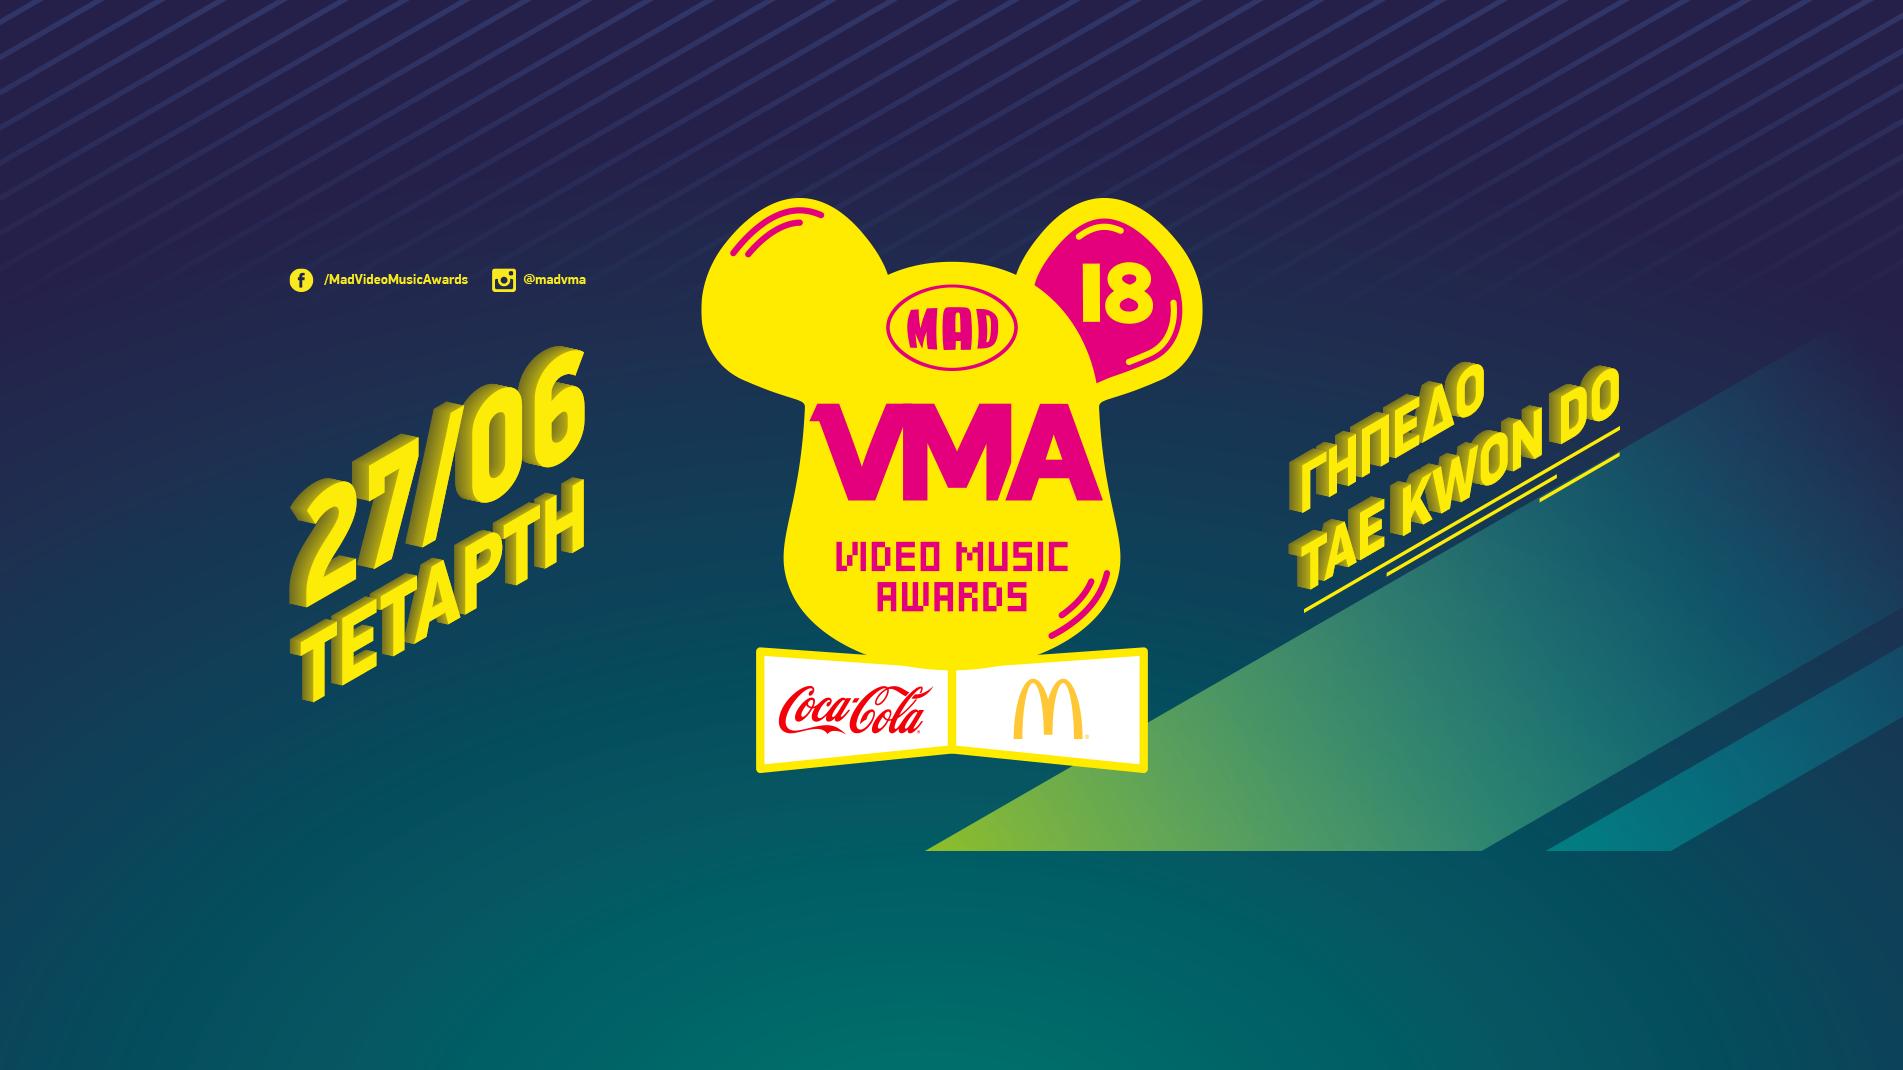 υποψήφιοι των Mad Video Music Awards 2018